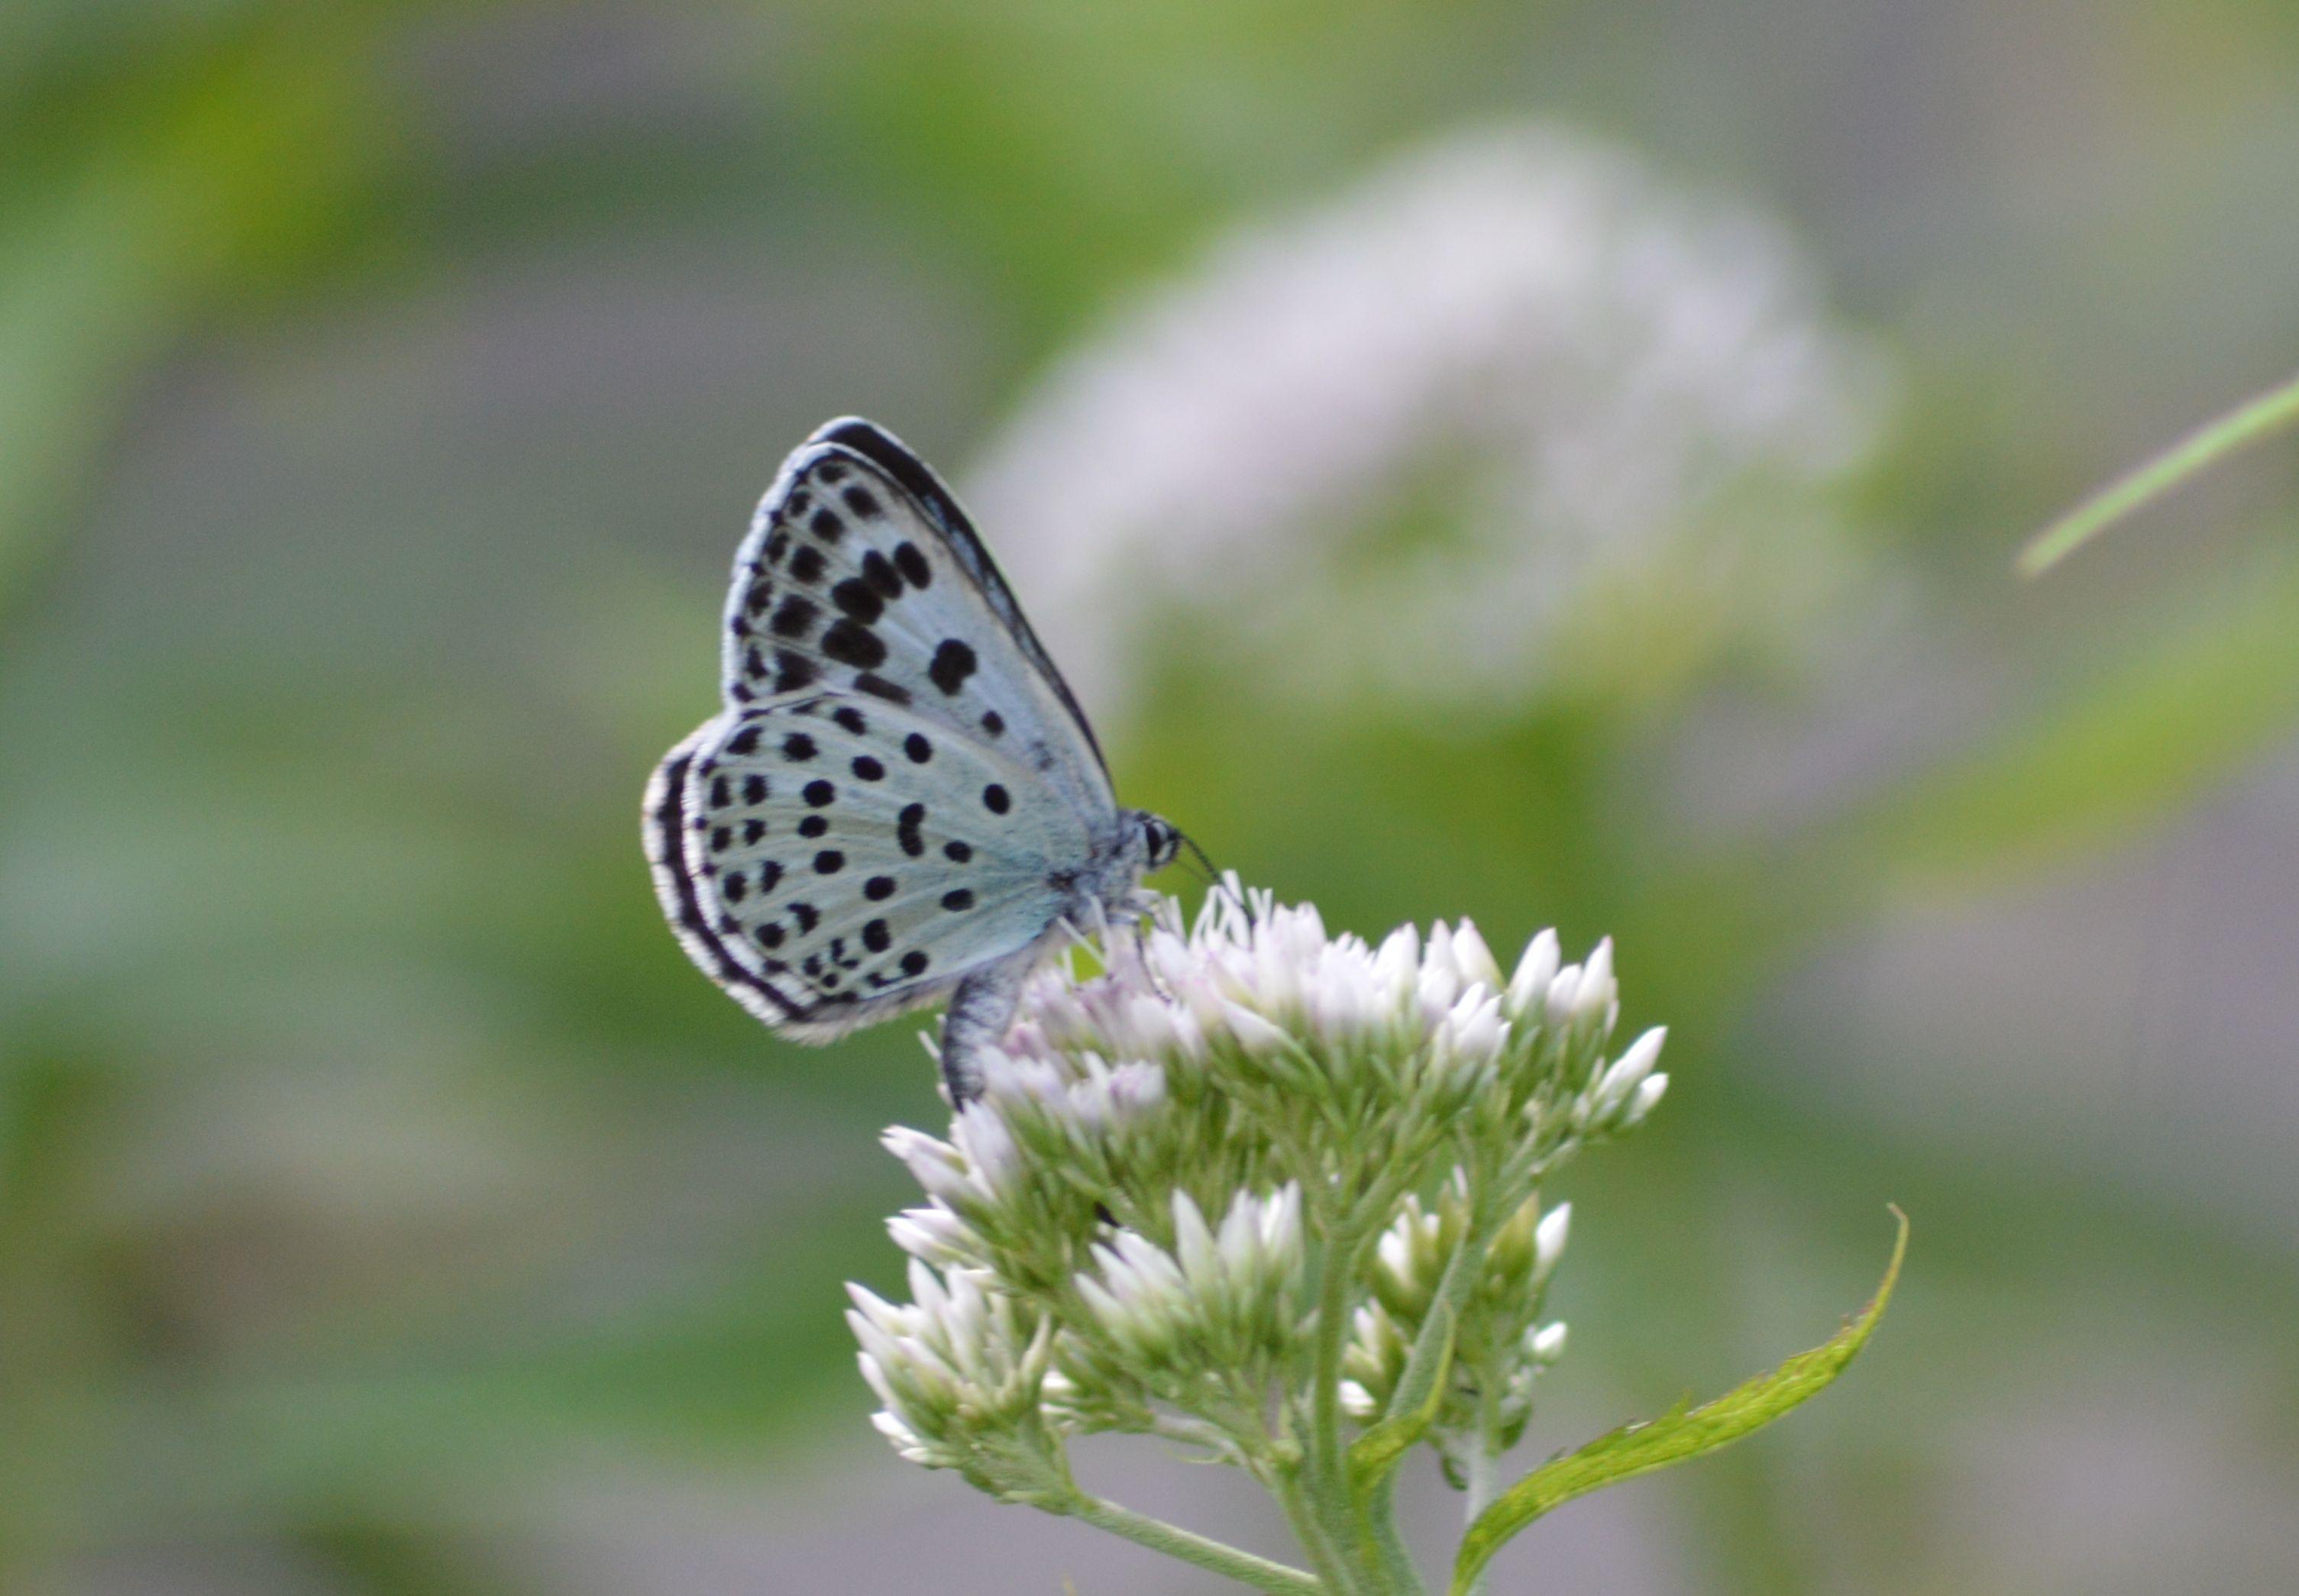 オオゴマシジミ  かなりハードルの高い蝶???_d0254540_8533245.jpg